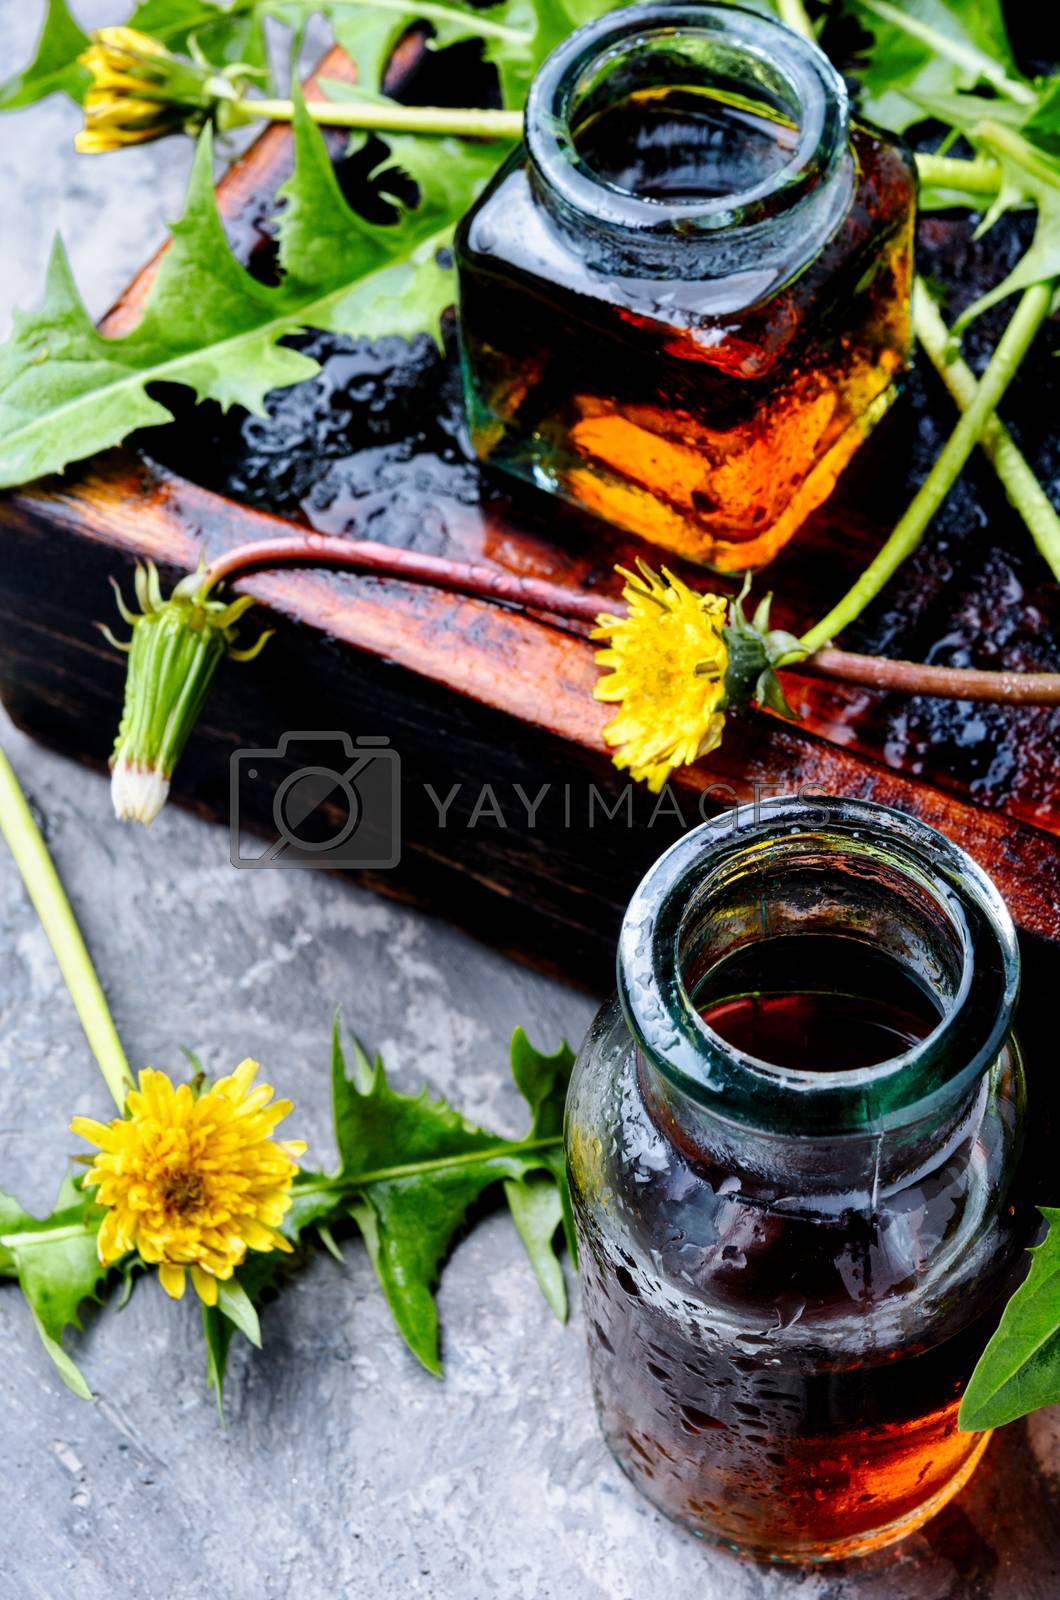 Dandelion tincture in bottle by LMykola